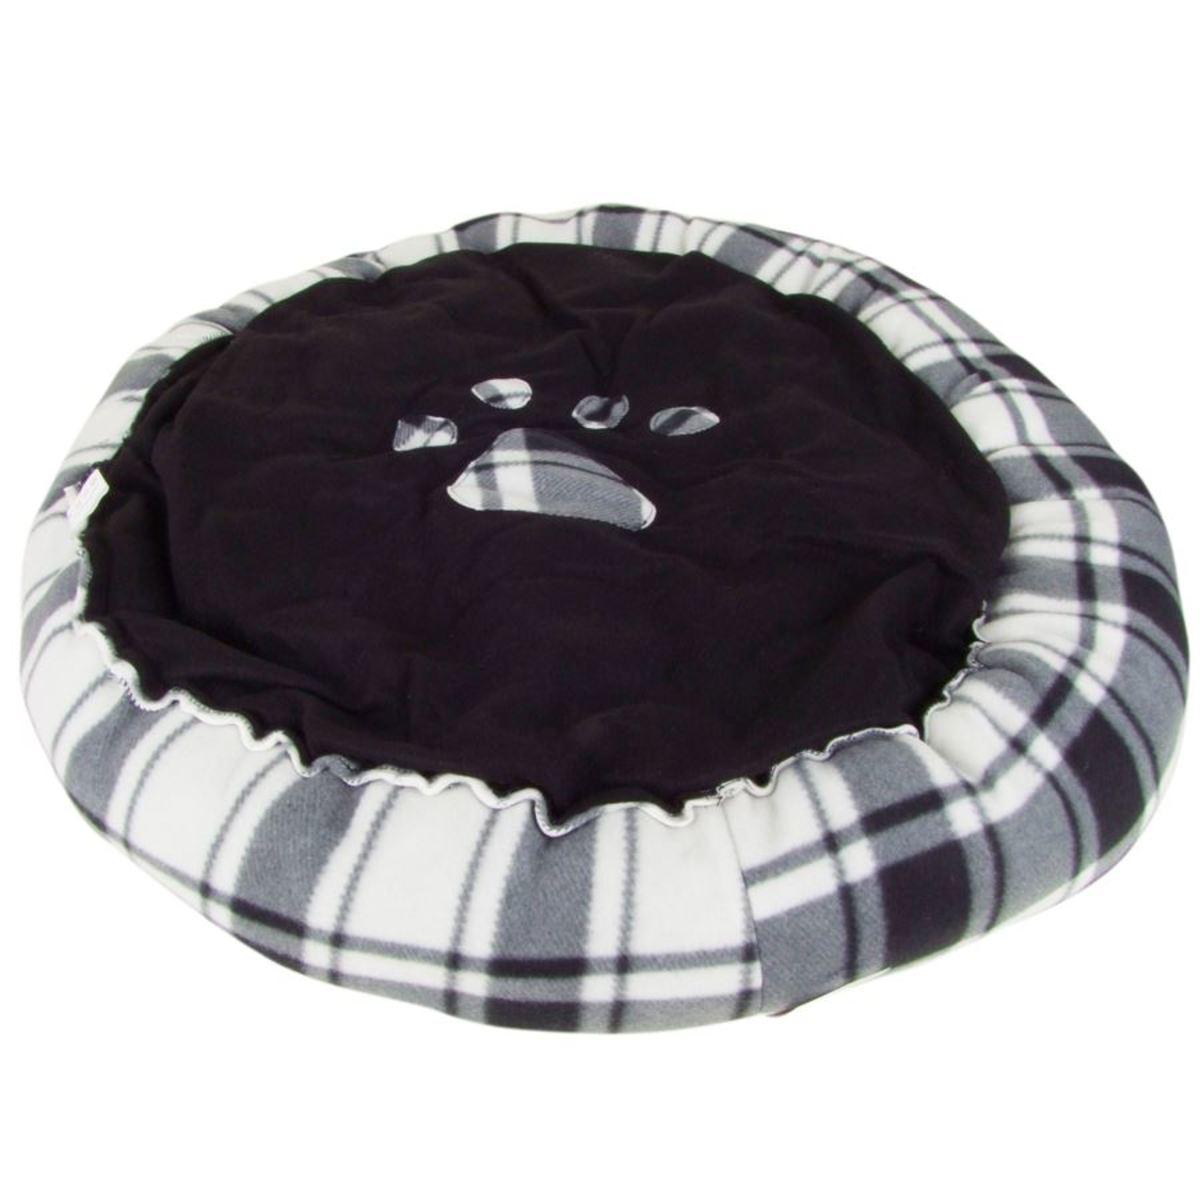 Bild 1 von Hundebett rund mit Pfoten-Aufdruck Größe L 75cm